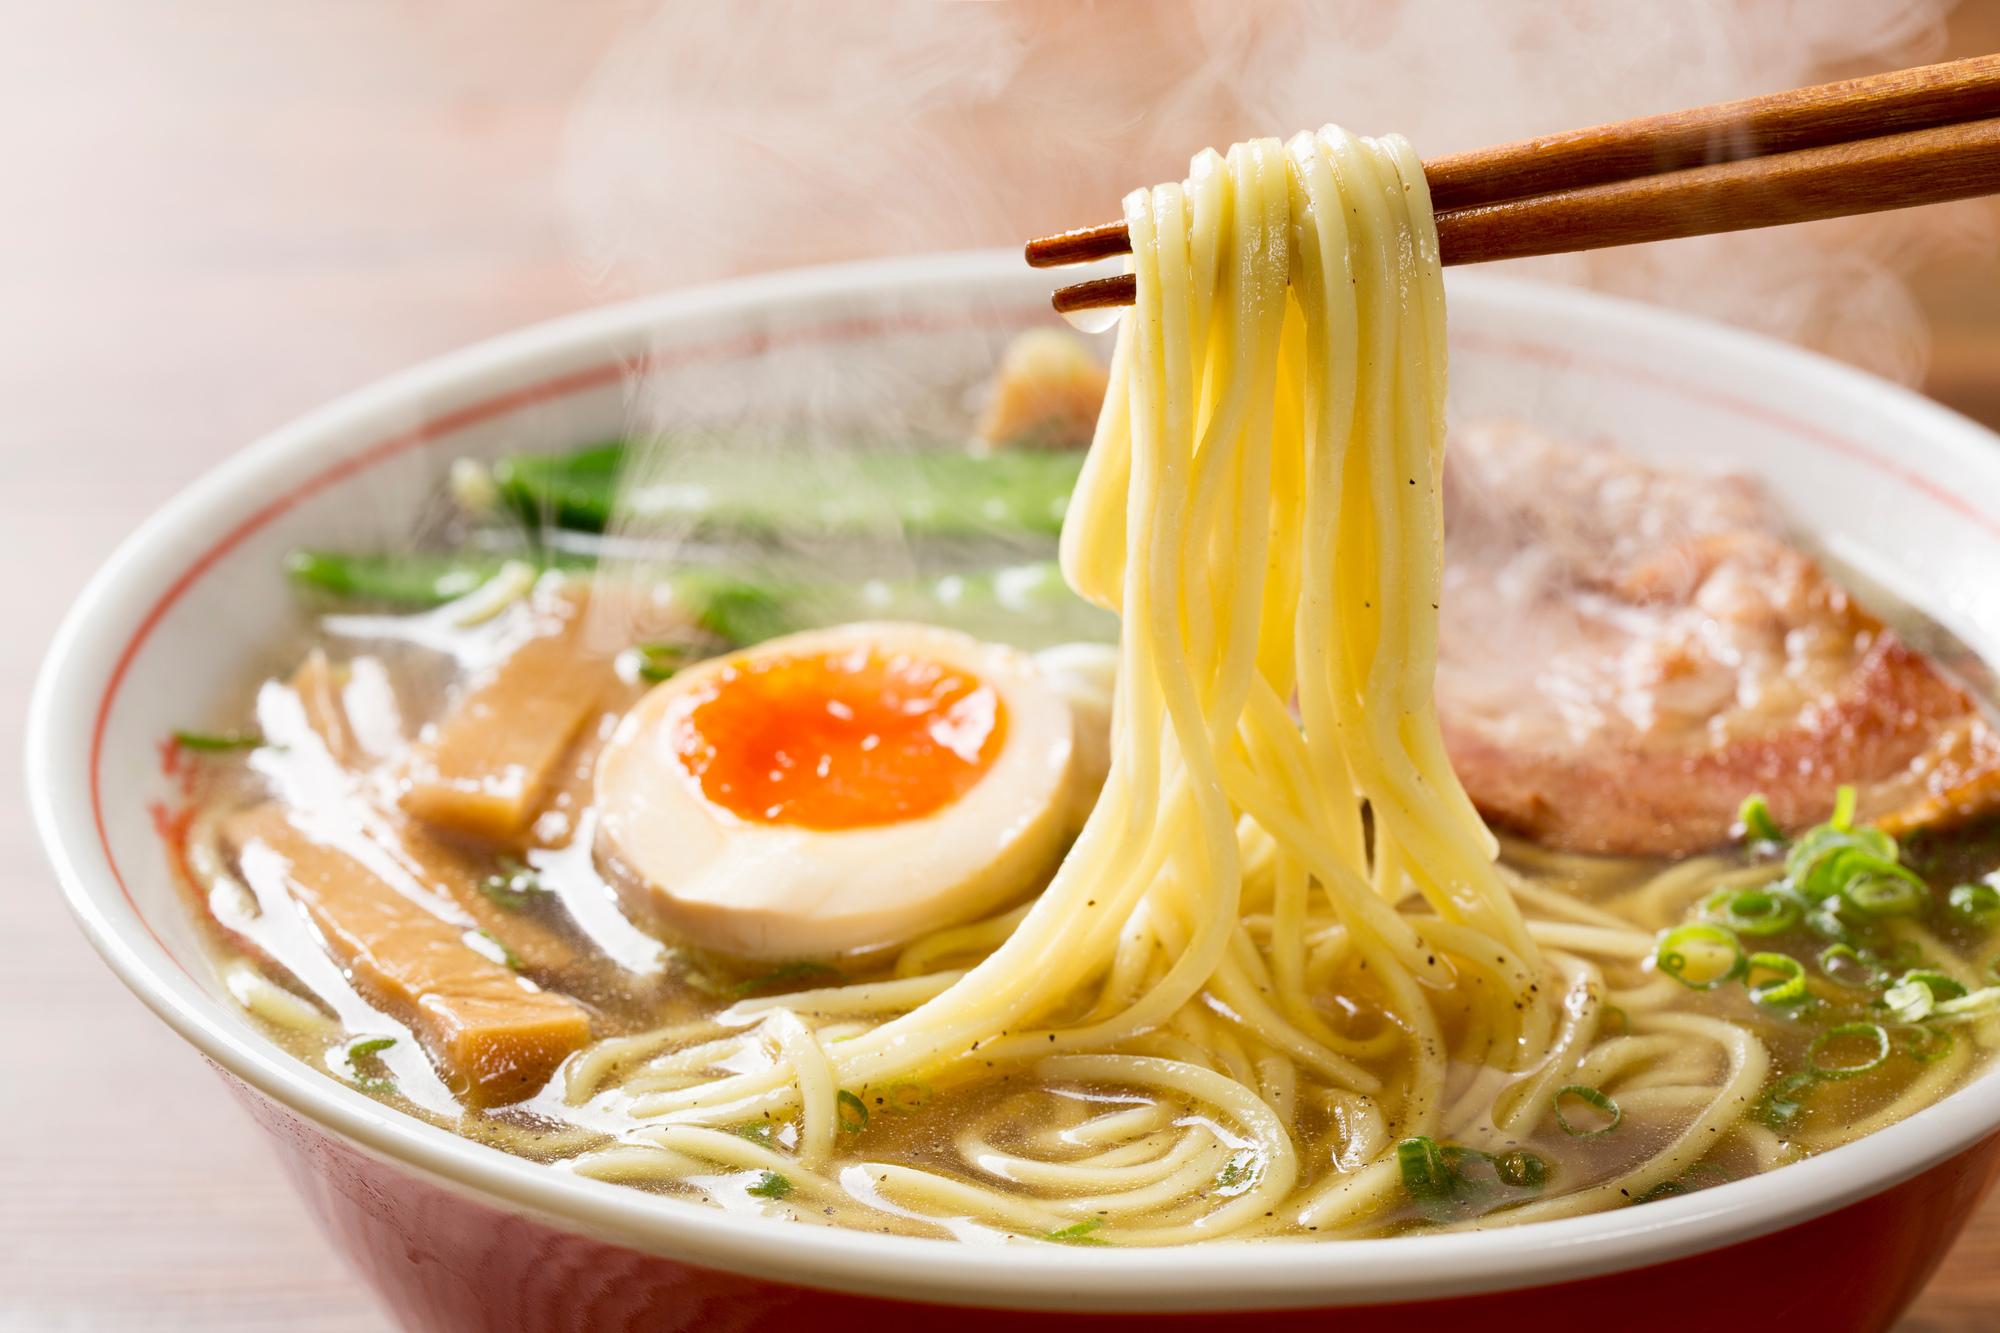 デリバリーOK、テイクアウトOK!渋谷区でおすすめの麺5選|TIME SHARING|タイムシェアリング|スペースマネジメント|あどばる|adval|SHARING